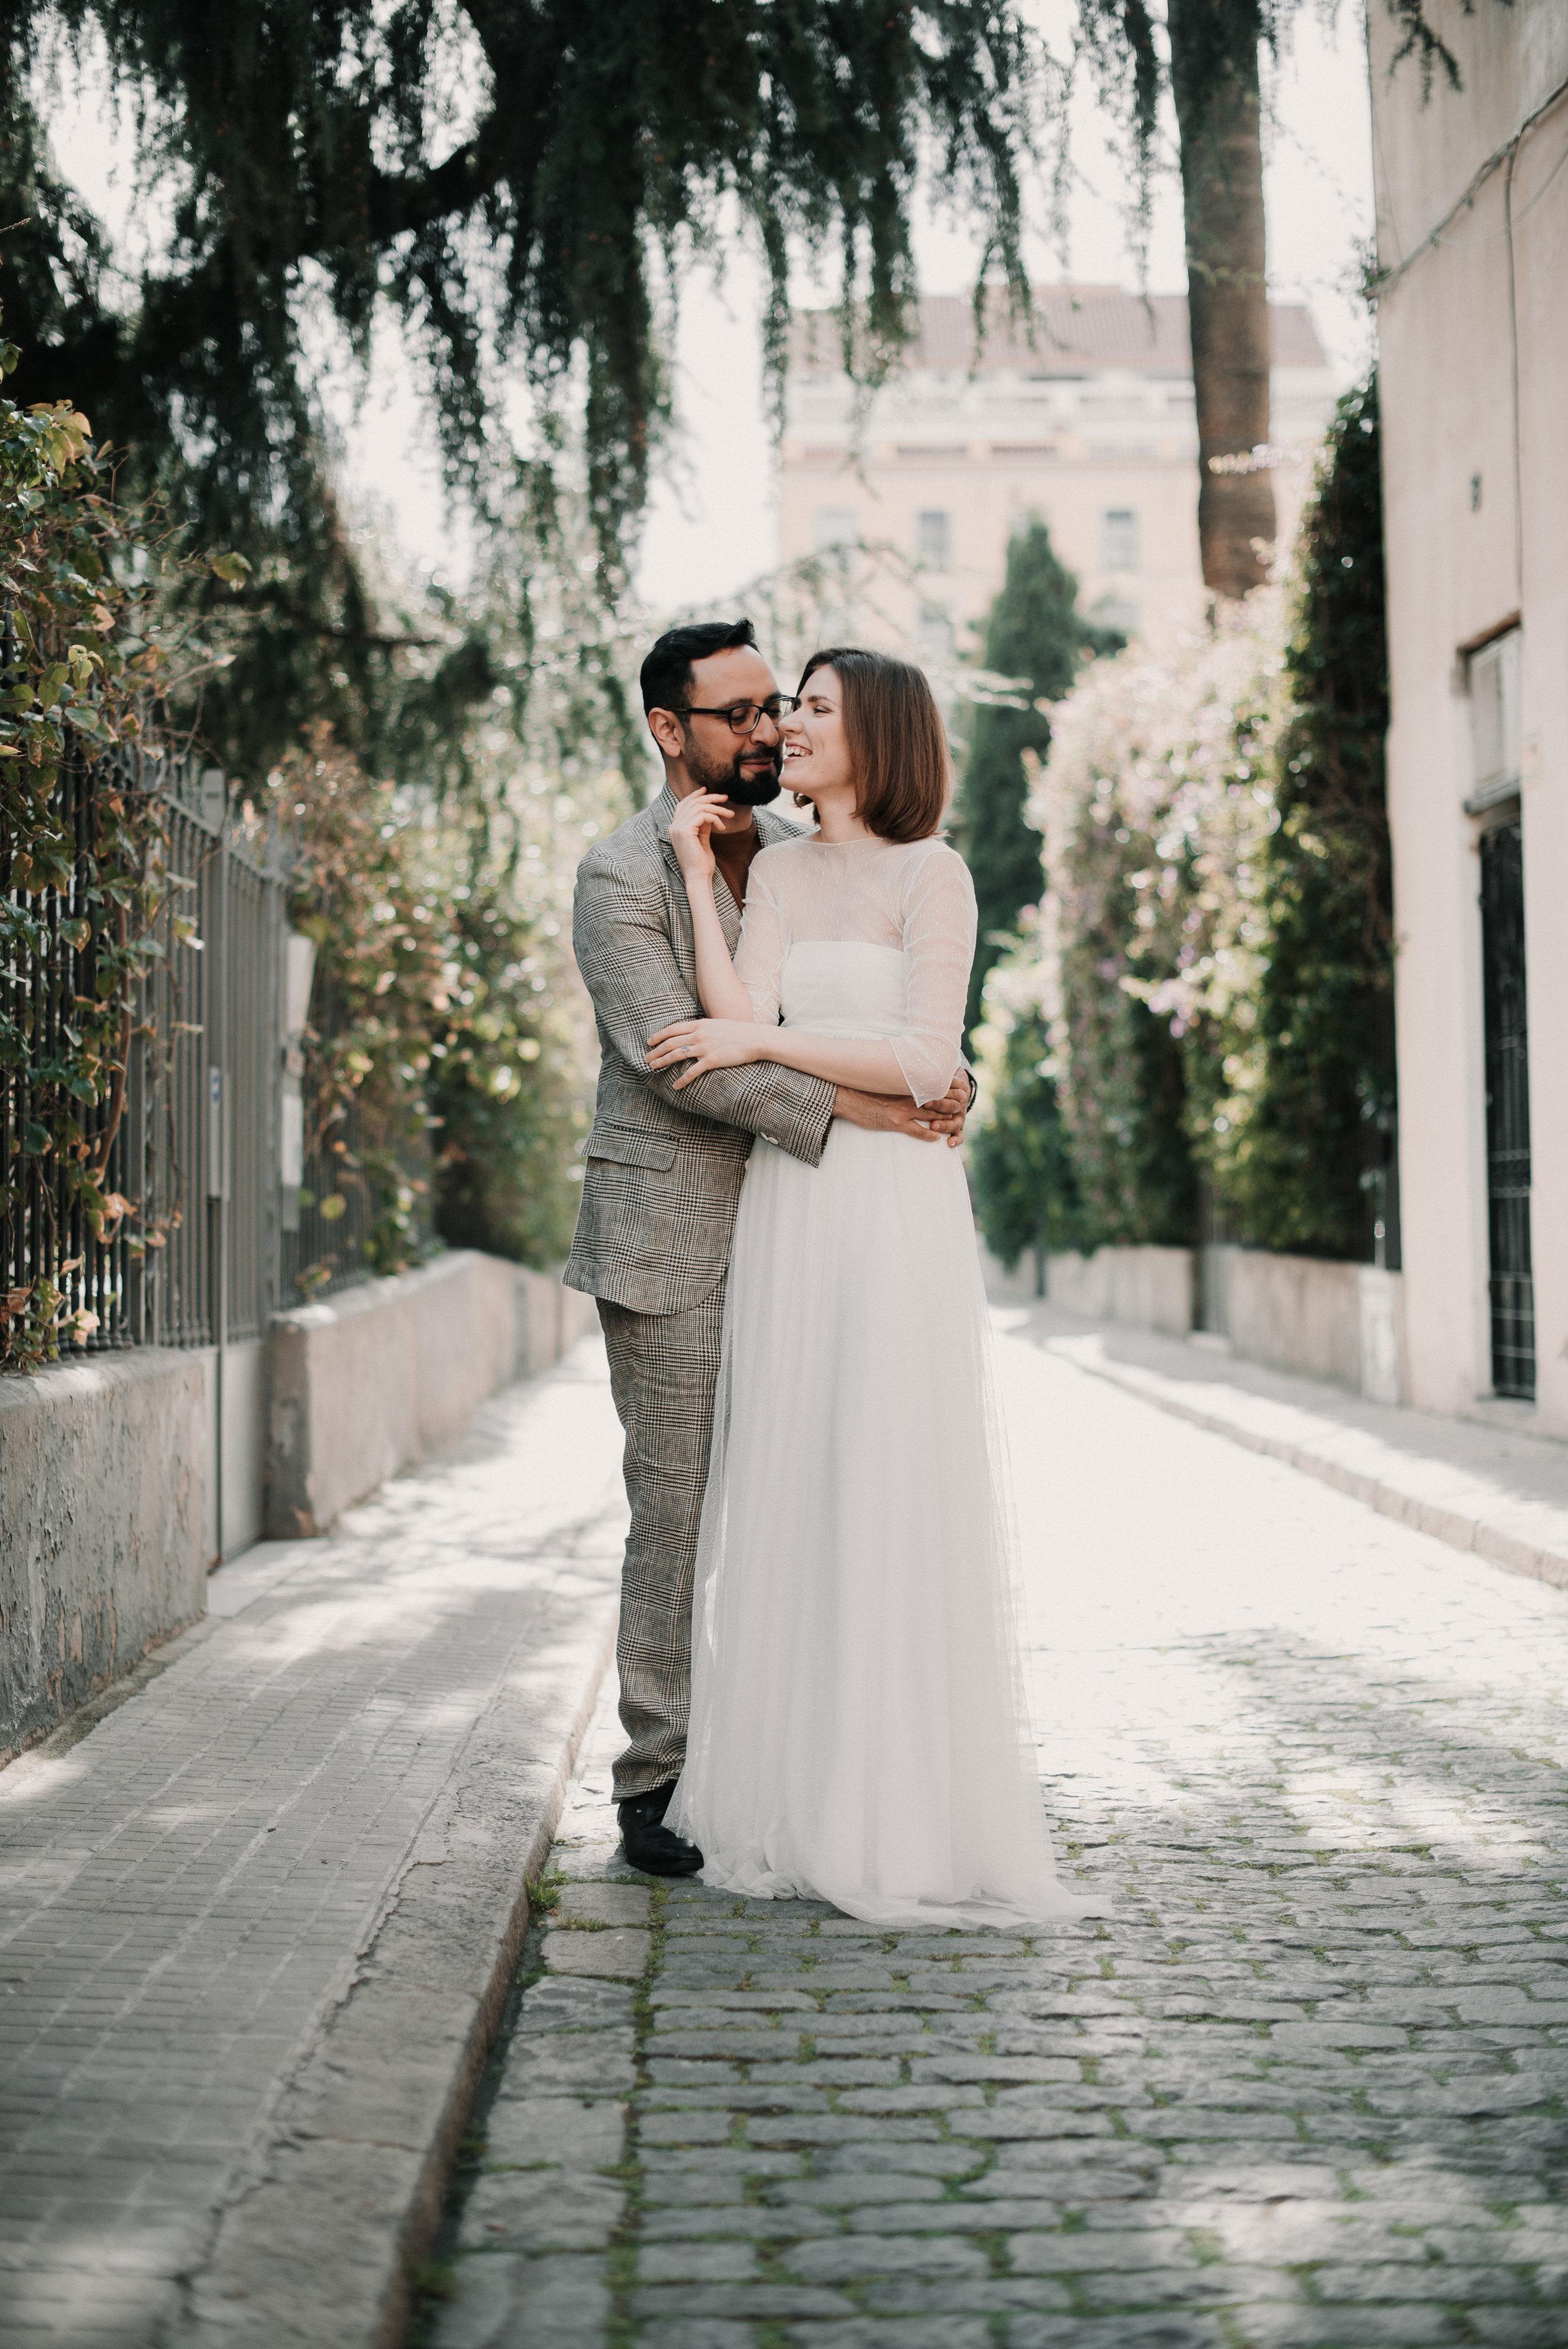 Léa-Fery-photographe-professionnel-lyon-rhone-alpes-portrait-creation-mariage-evenement-evenementiel-famille-4007.jpg